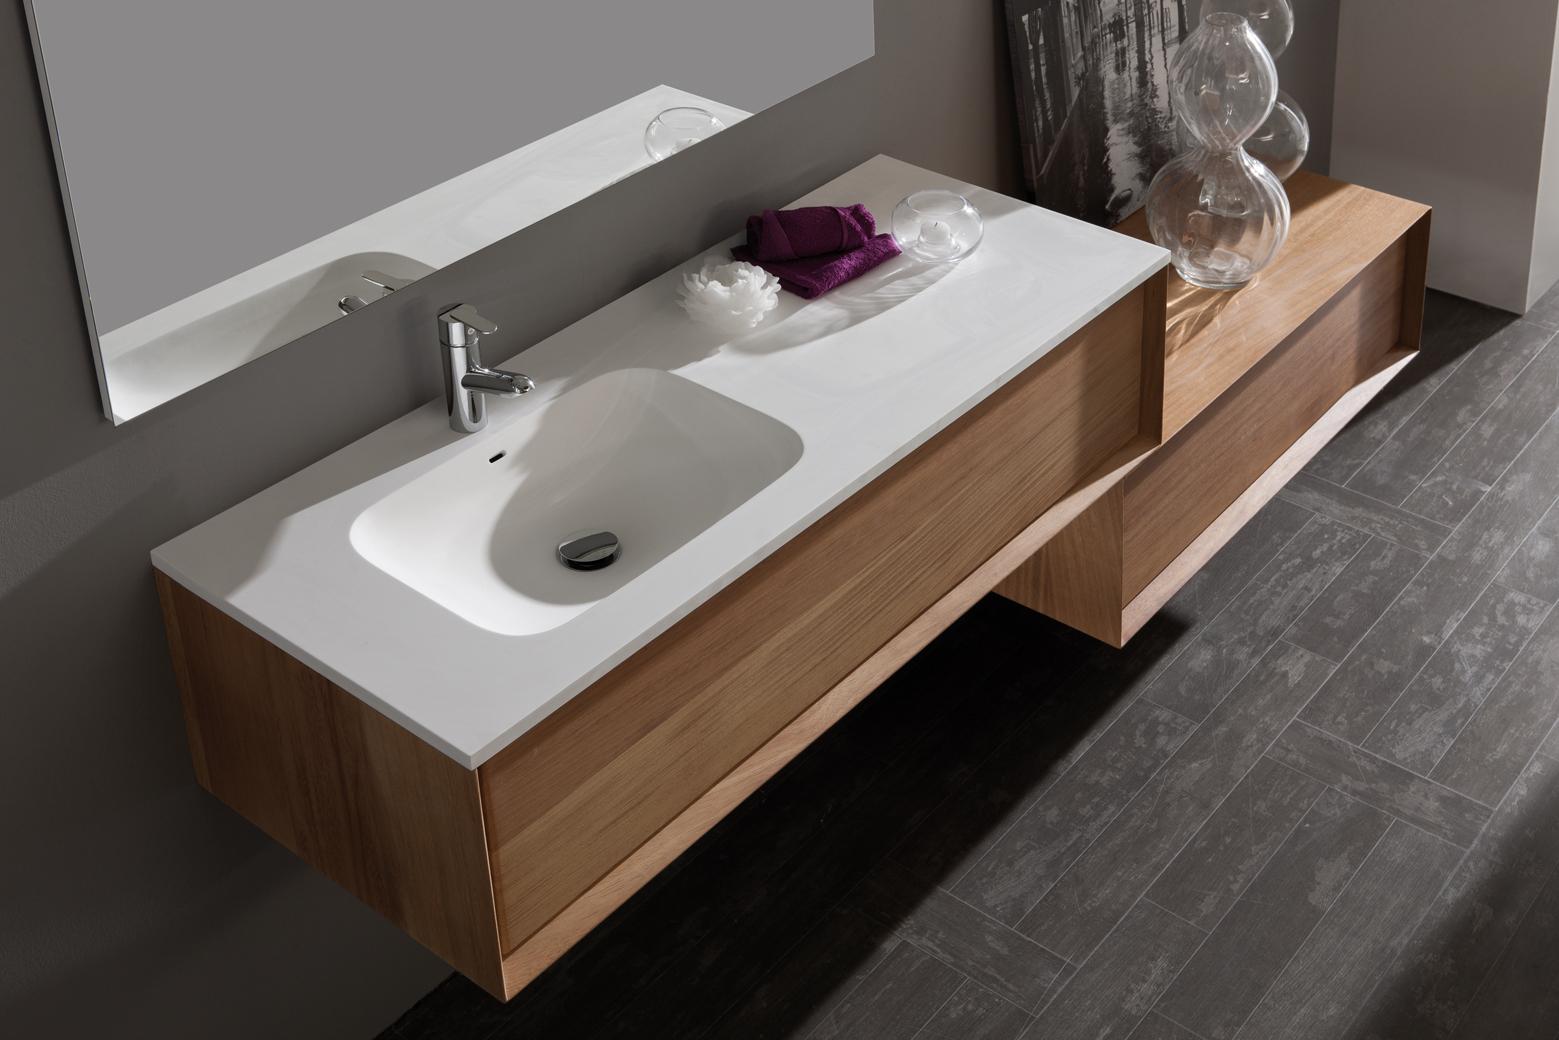 Naxani salle de bain design aquabains for Plafonnier de salle de bain